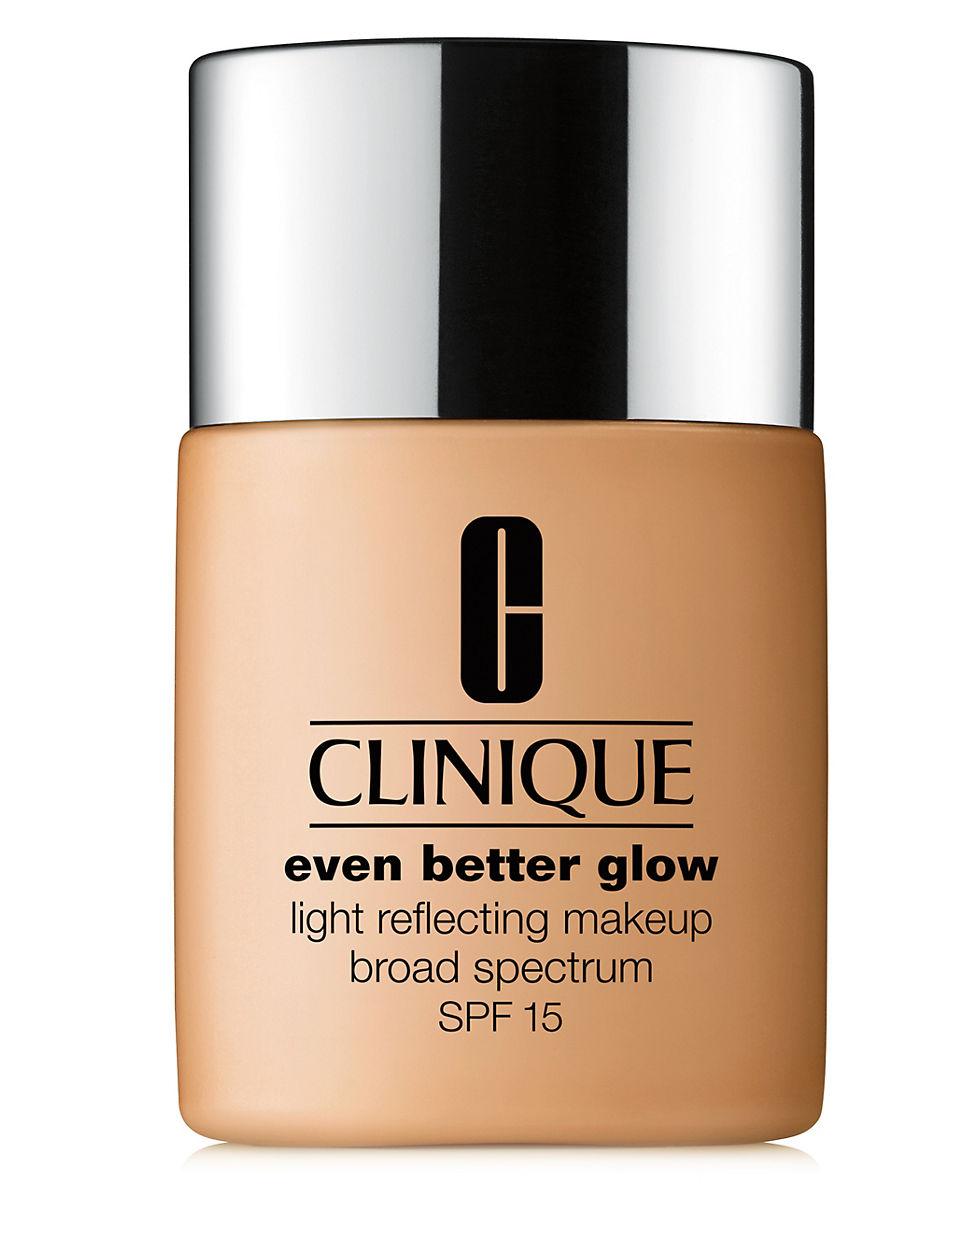 Even Better Glow Makeup SPF 15